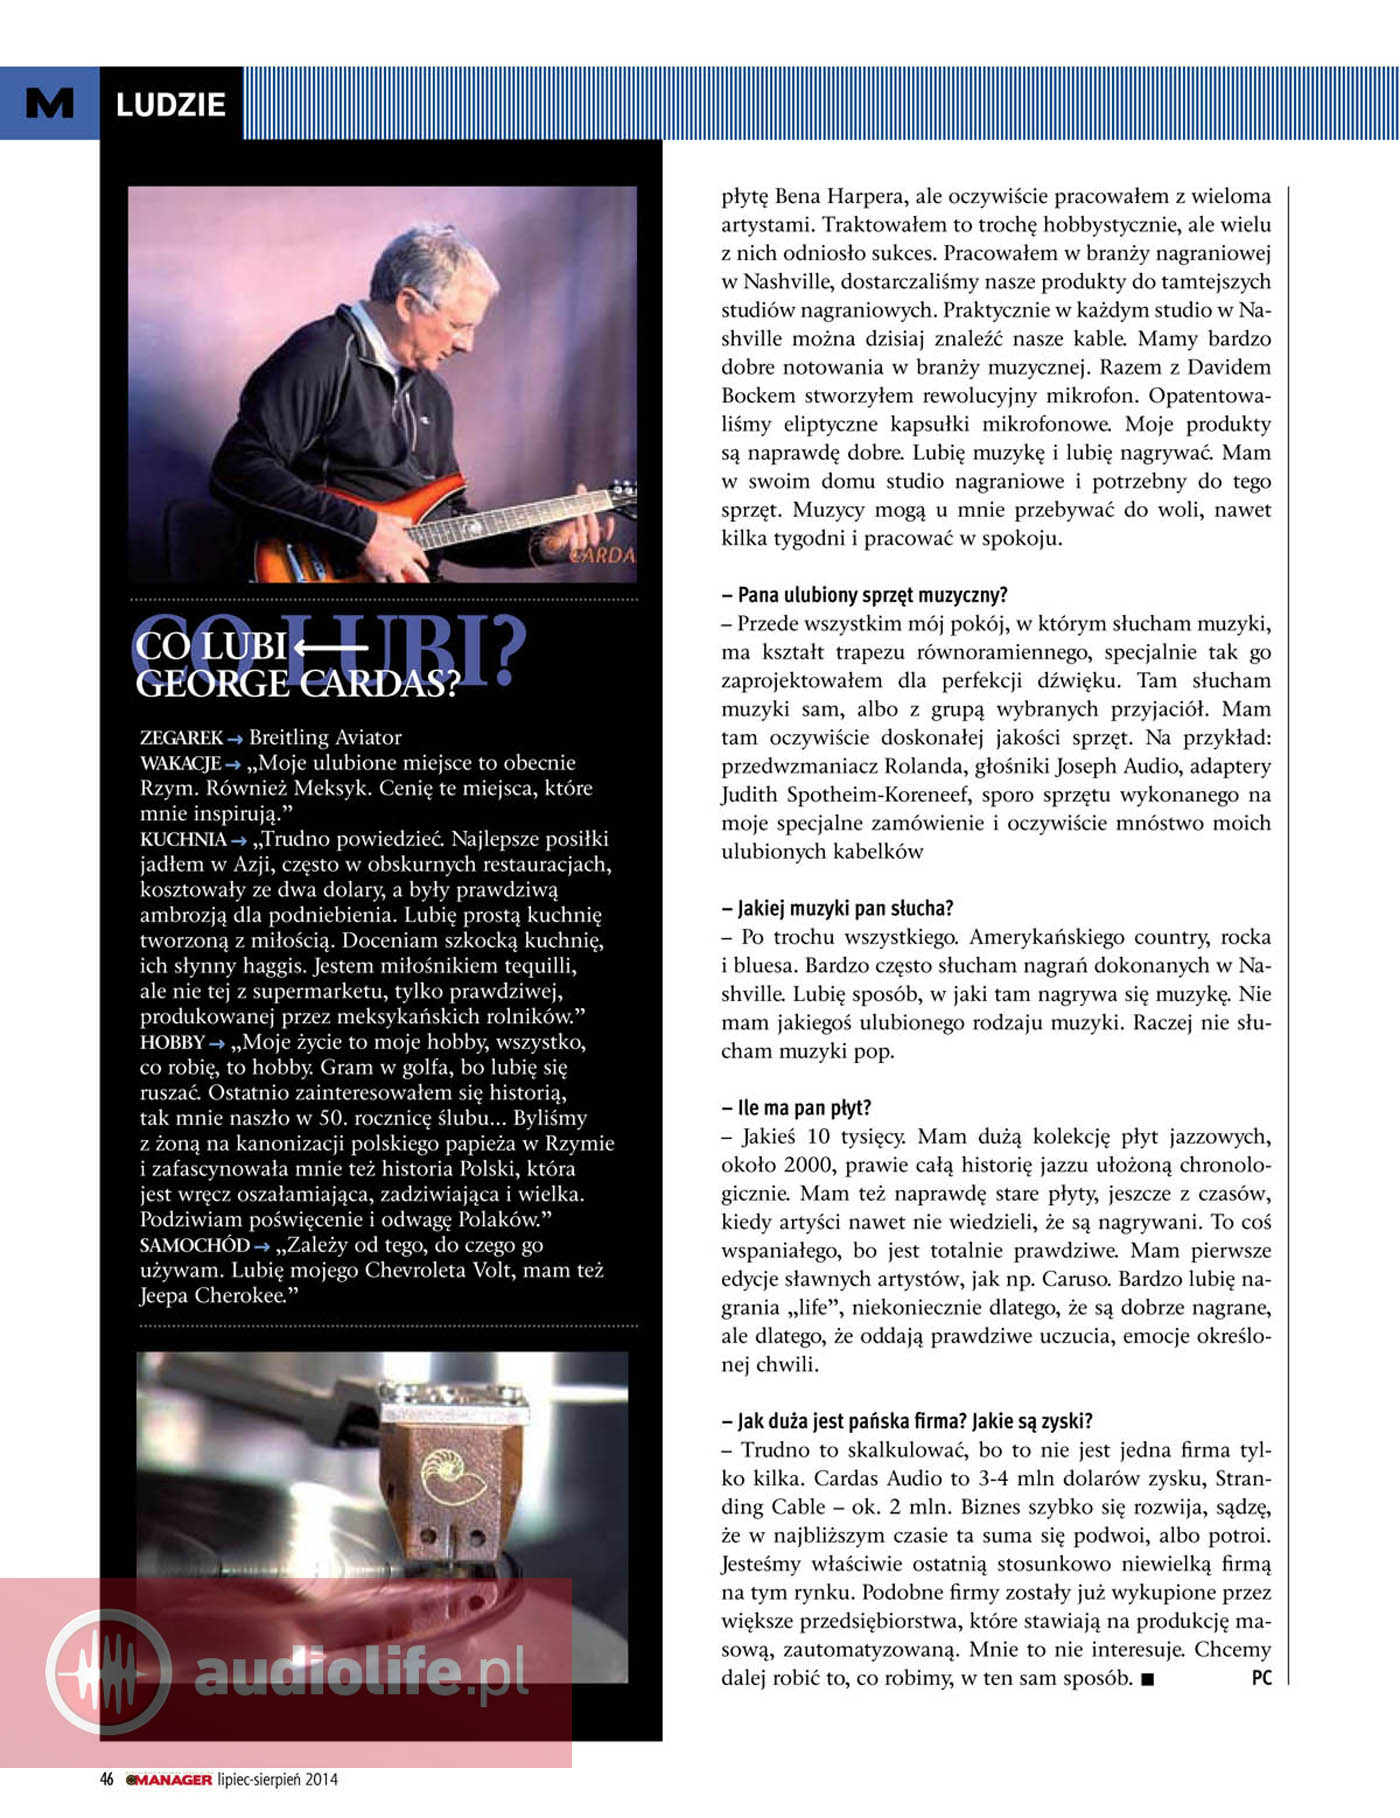 George Cardas - wywiad